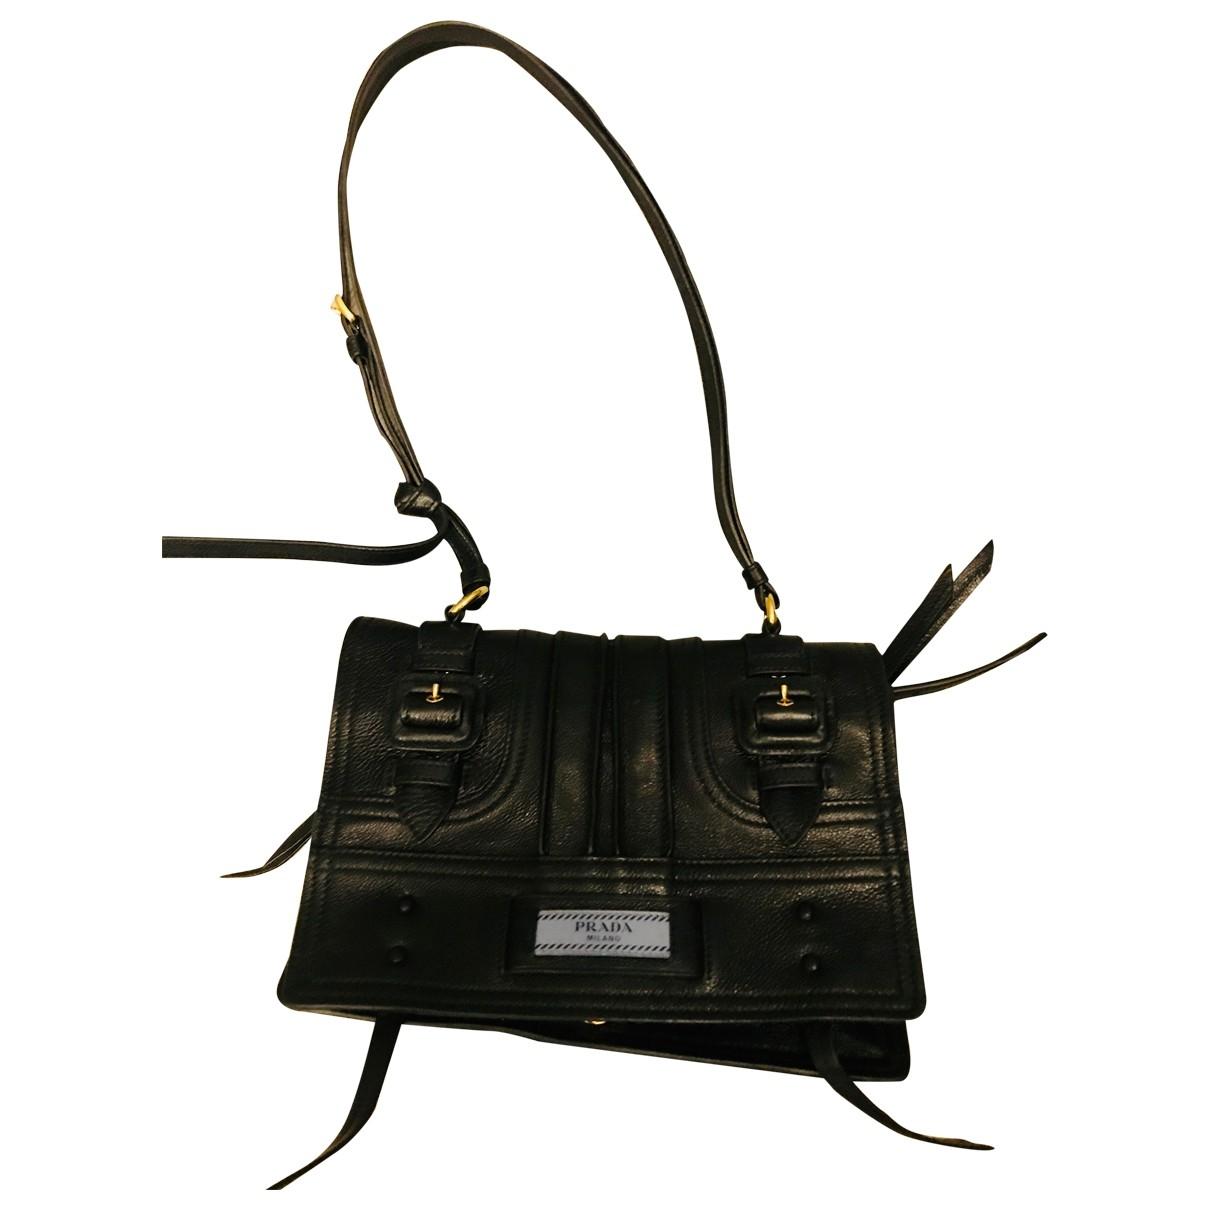 Prada Etiquette Black Leather Clutch bag for Women \N